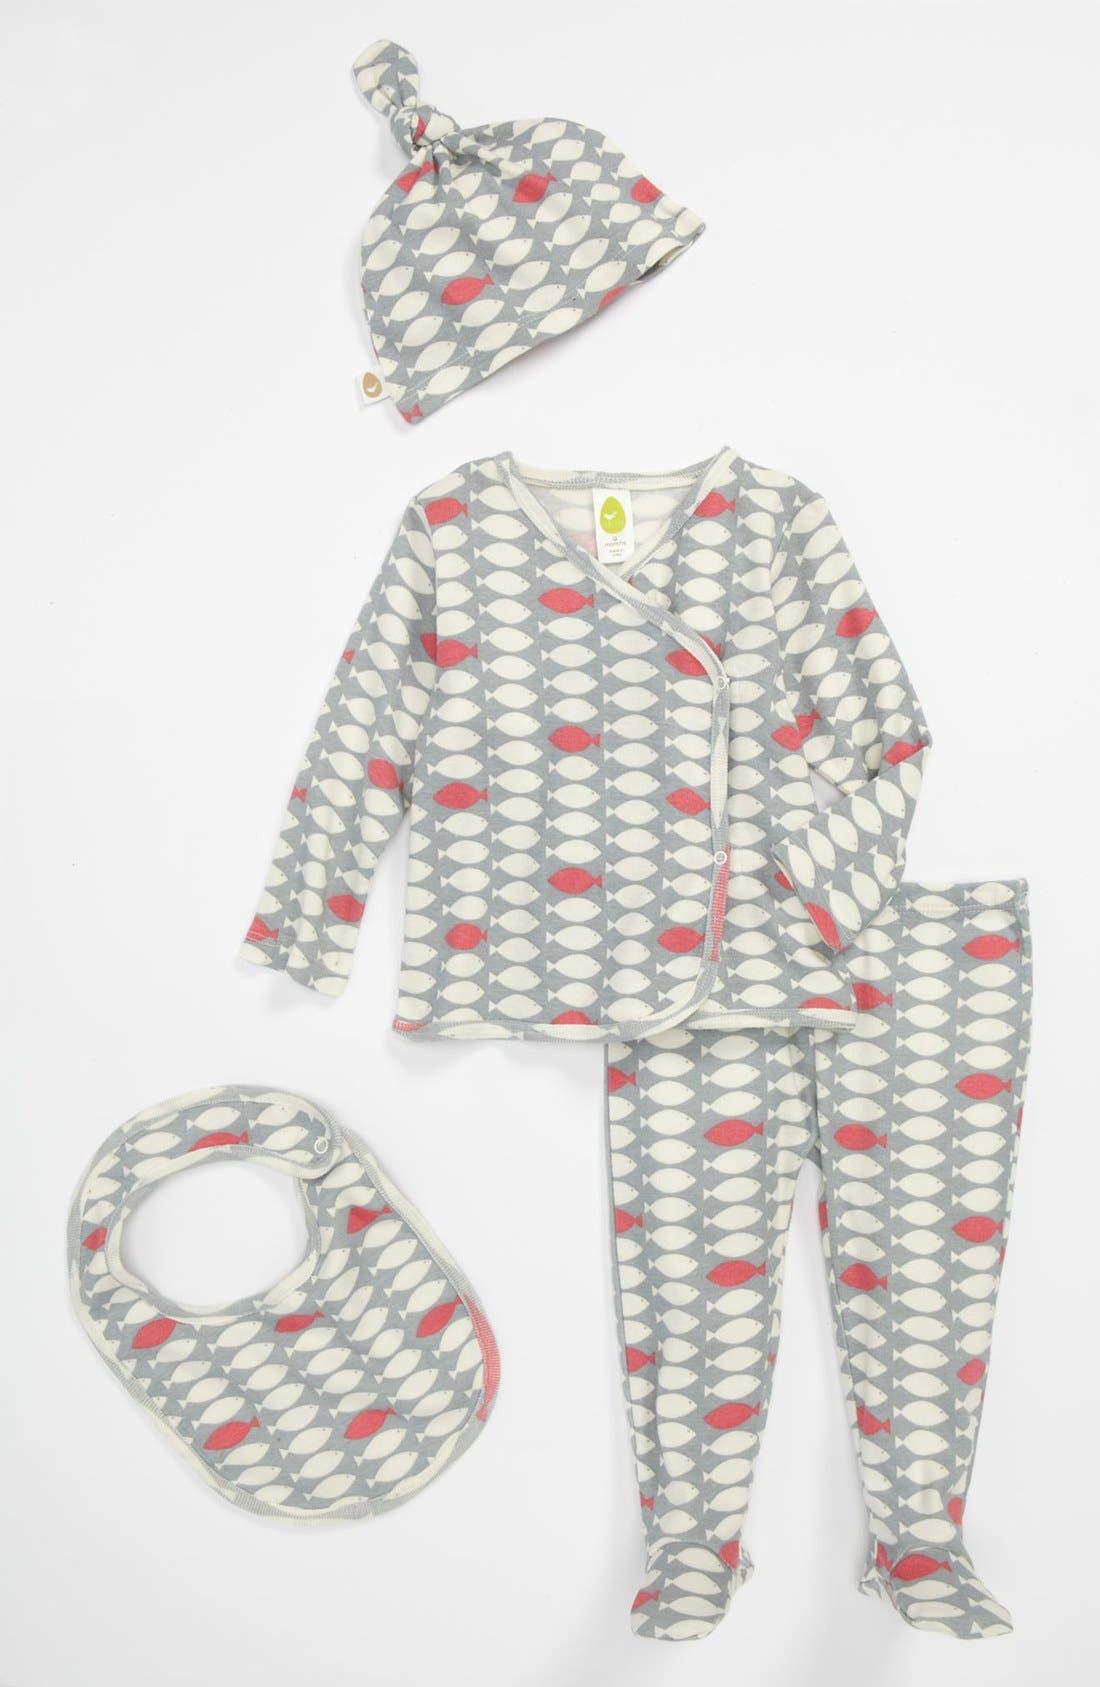 Alternate Image 1 Selected - Stem Baby Organic Cotton Shirt, Pants, Hat & Bib (Baby Girls)